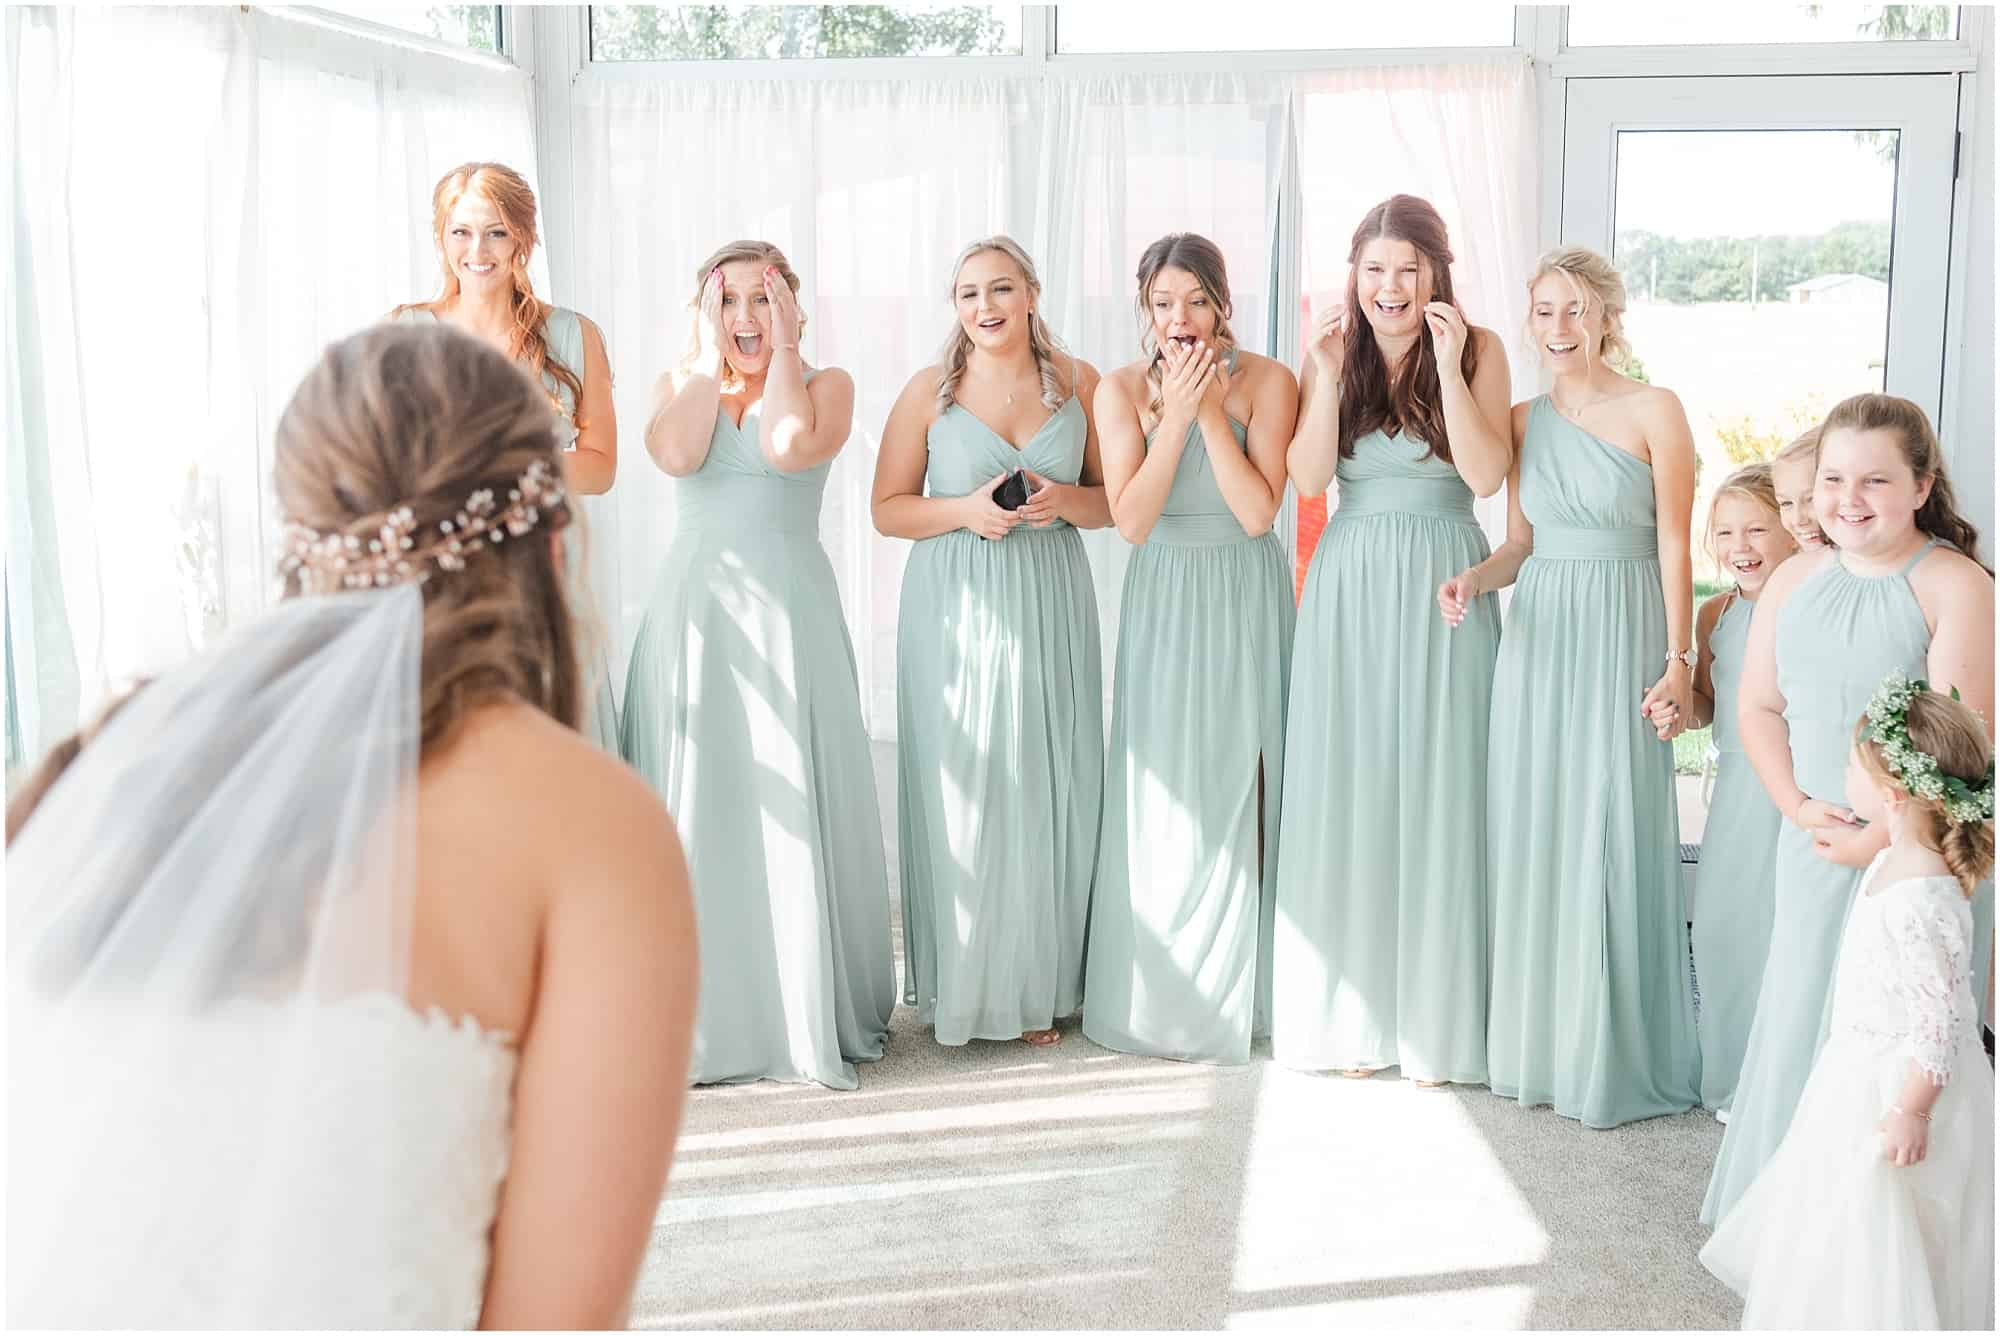 norwalk ohio wedding gown reveal